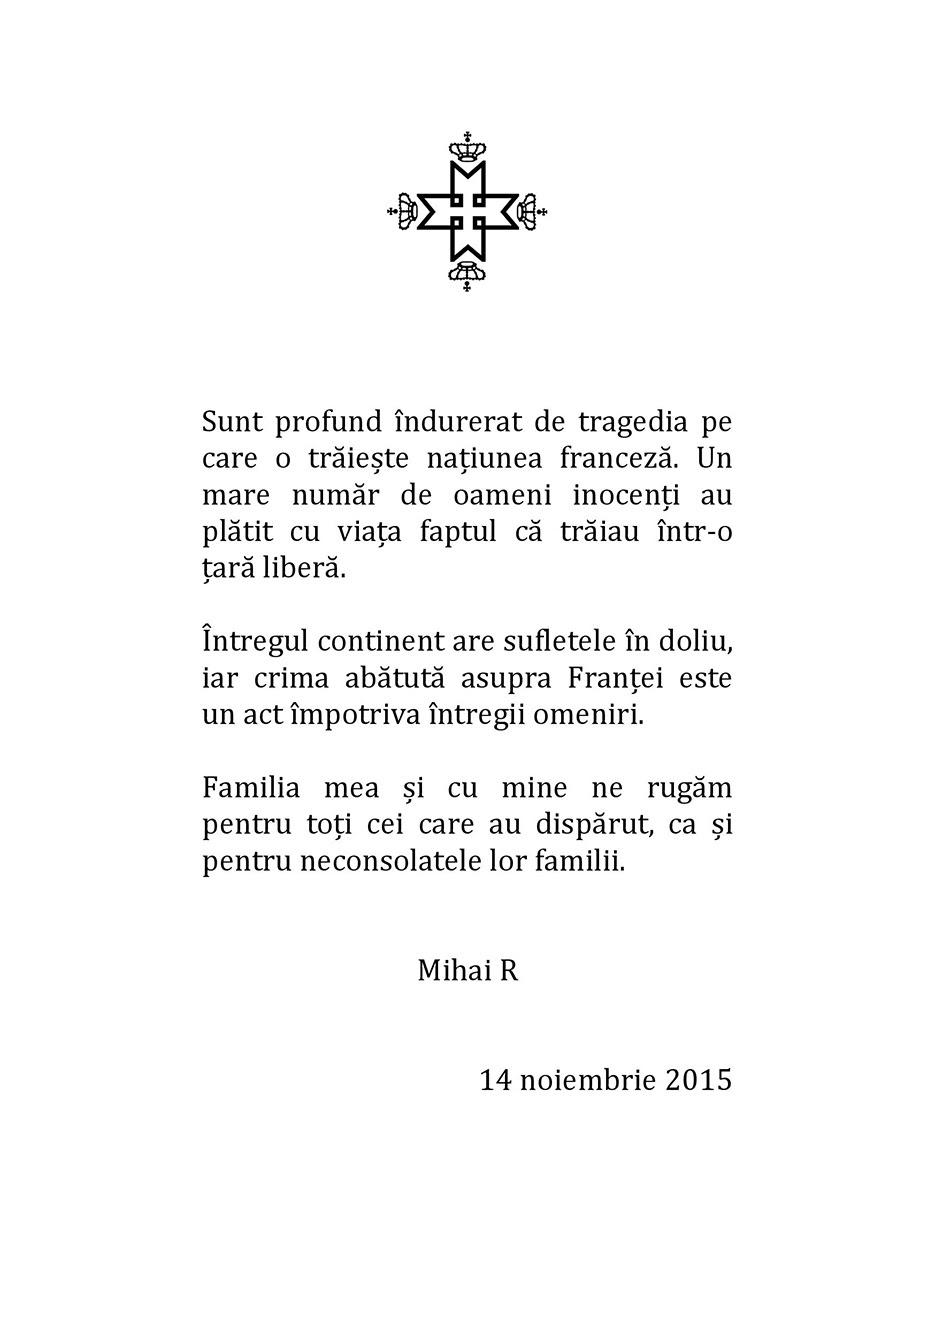 Mesajul Majestatii Sale Regelui Mihai I pentru președintele Republicii Franceze.